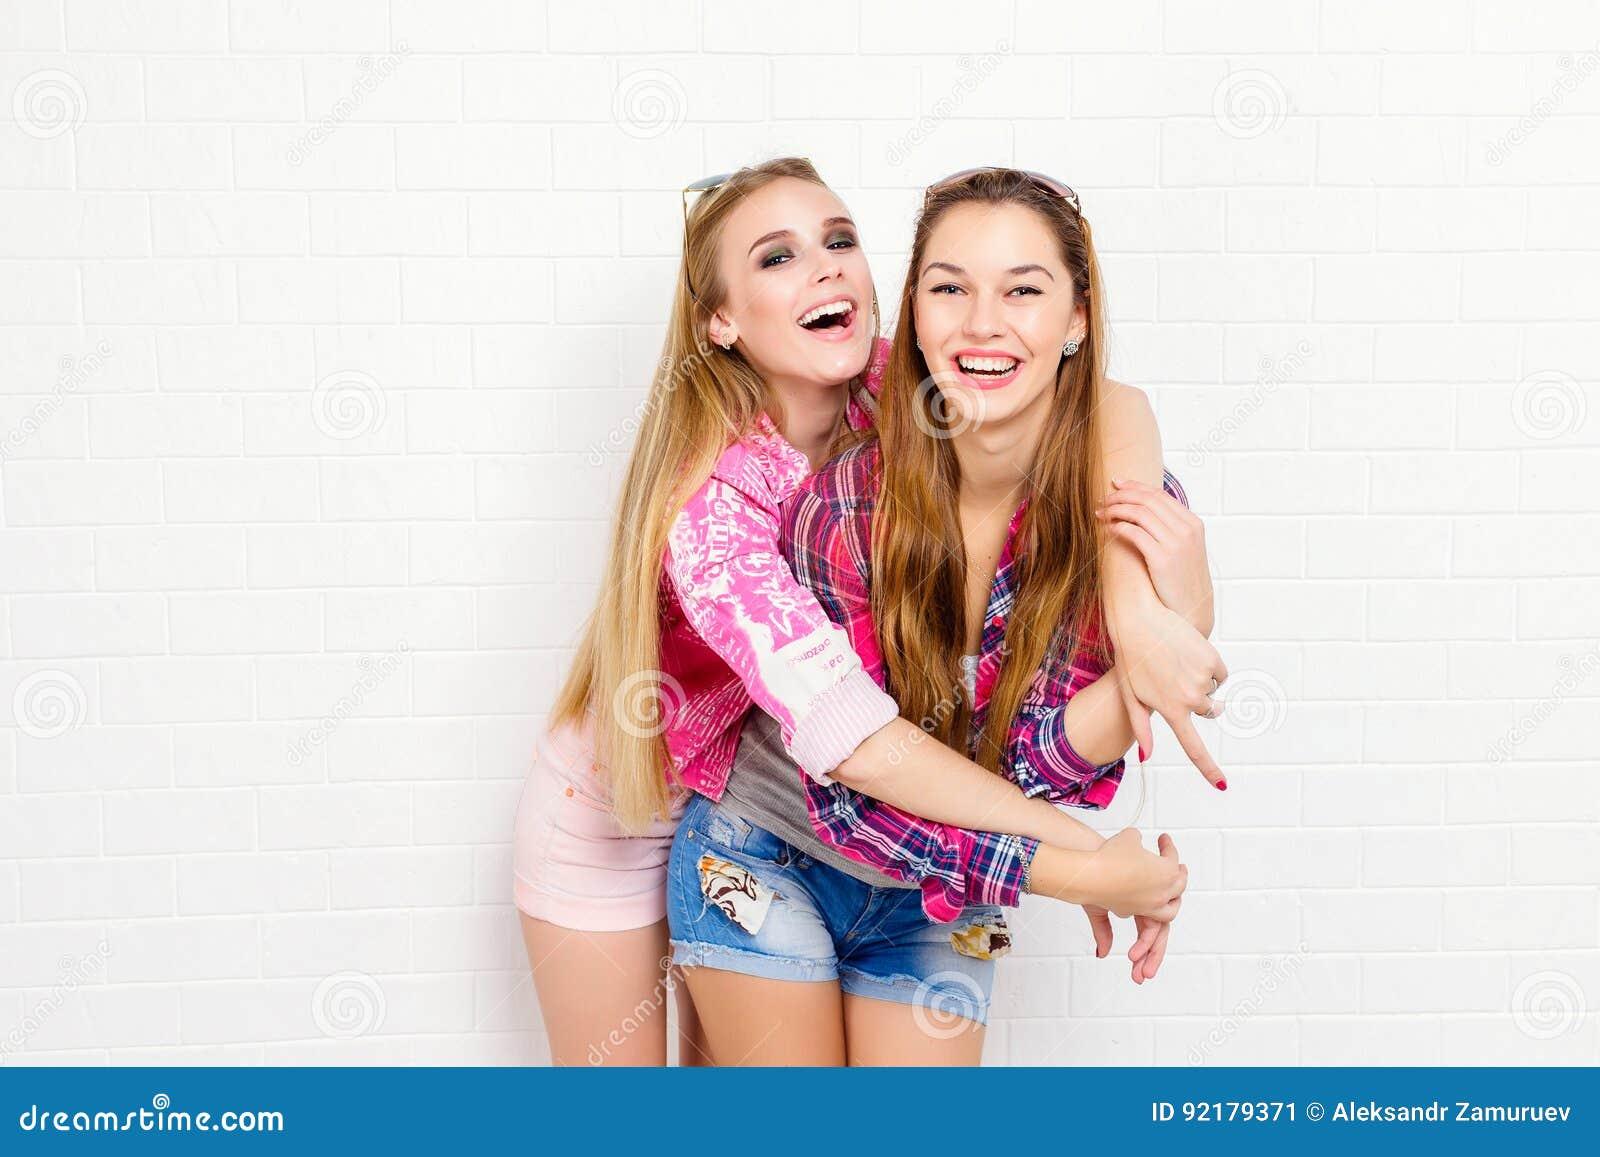 Legal hot teen girls